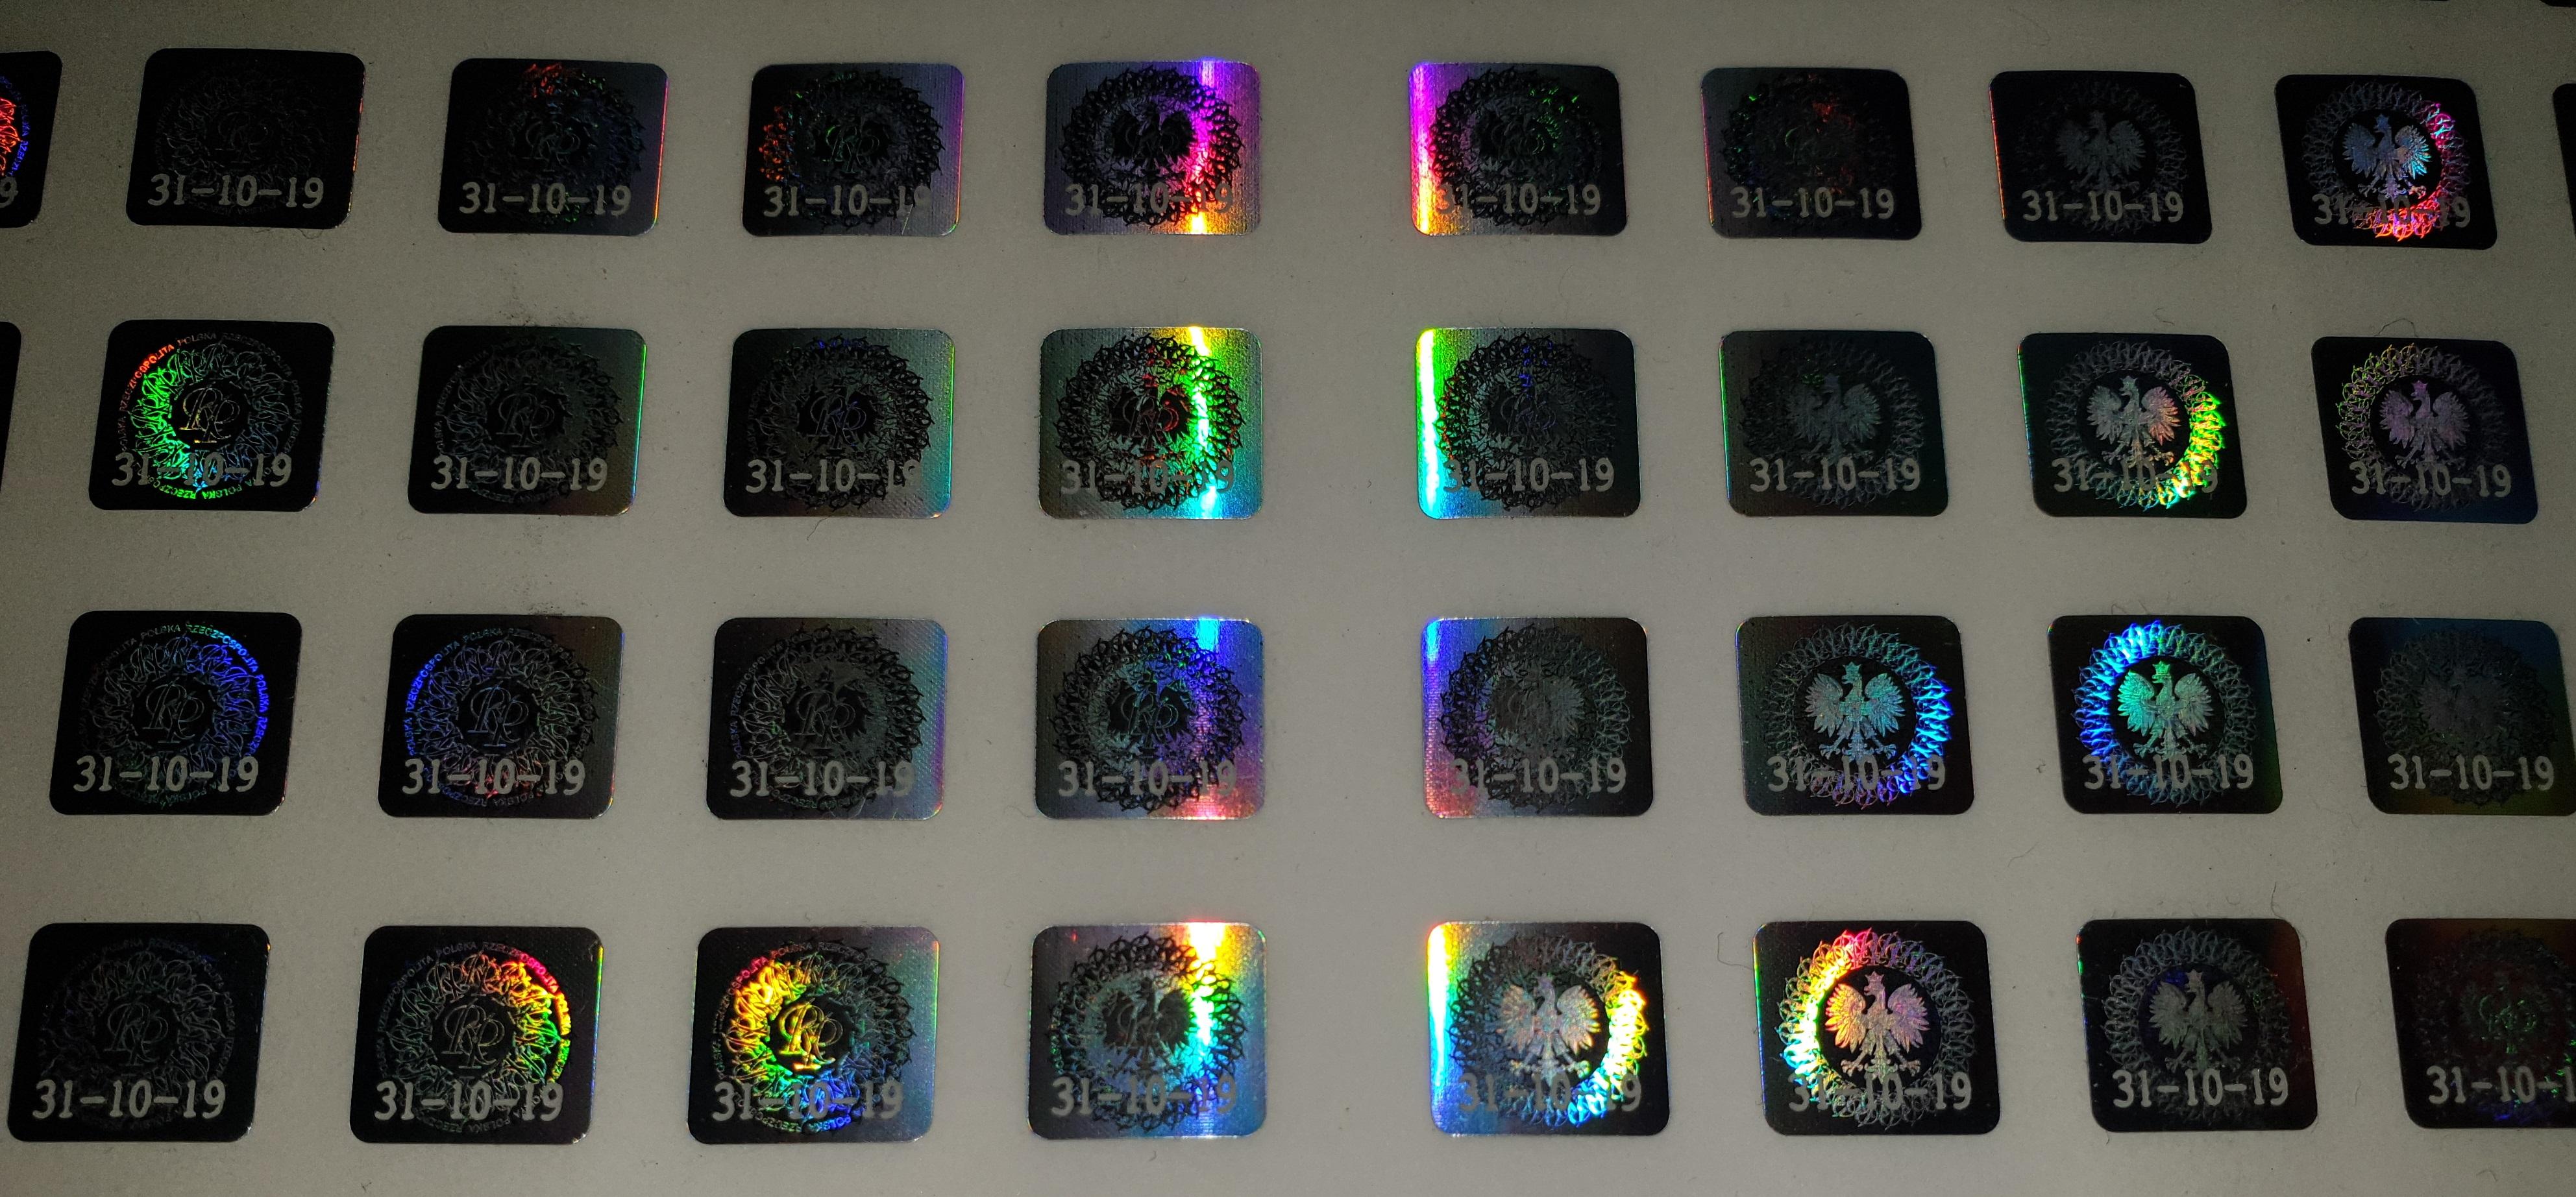 Najnowsze hologramy kolekcjonerskie 31-10-2019 już w sprzedaży!